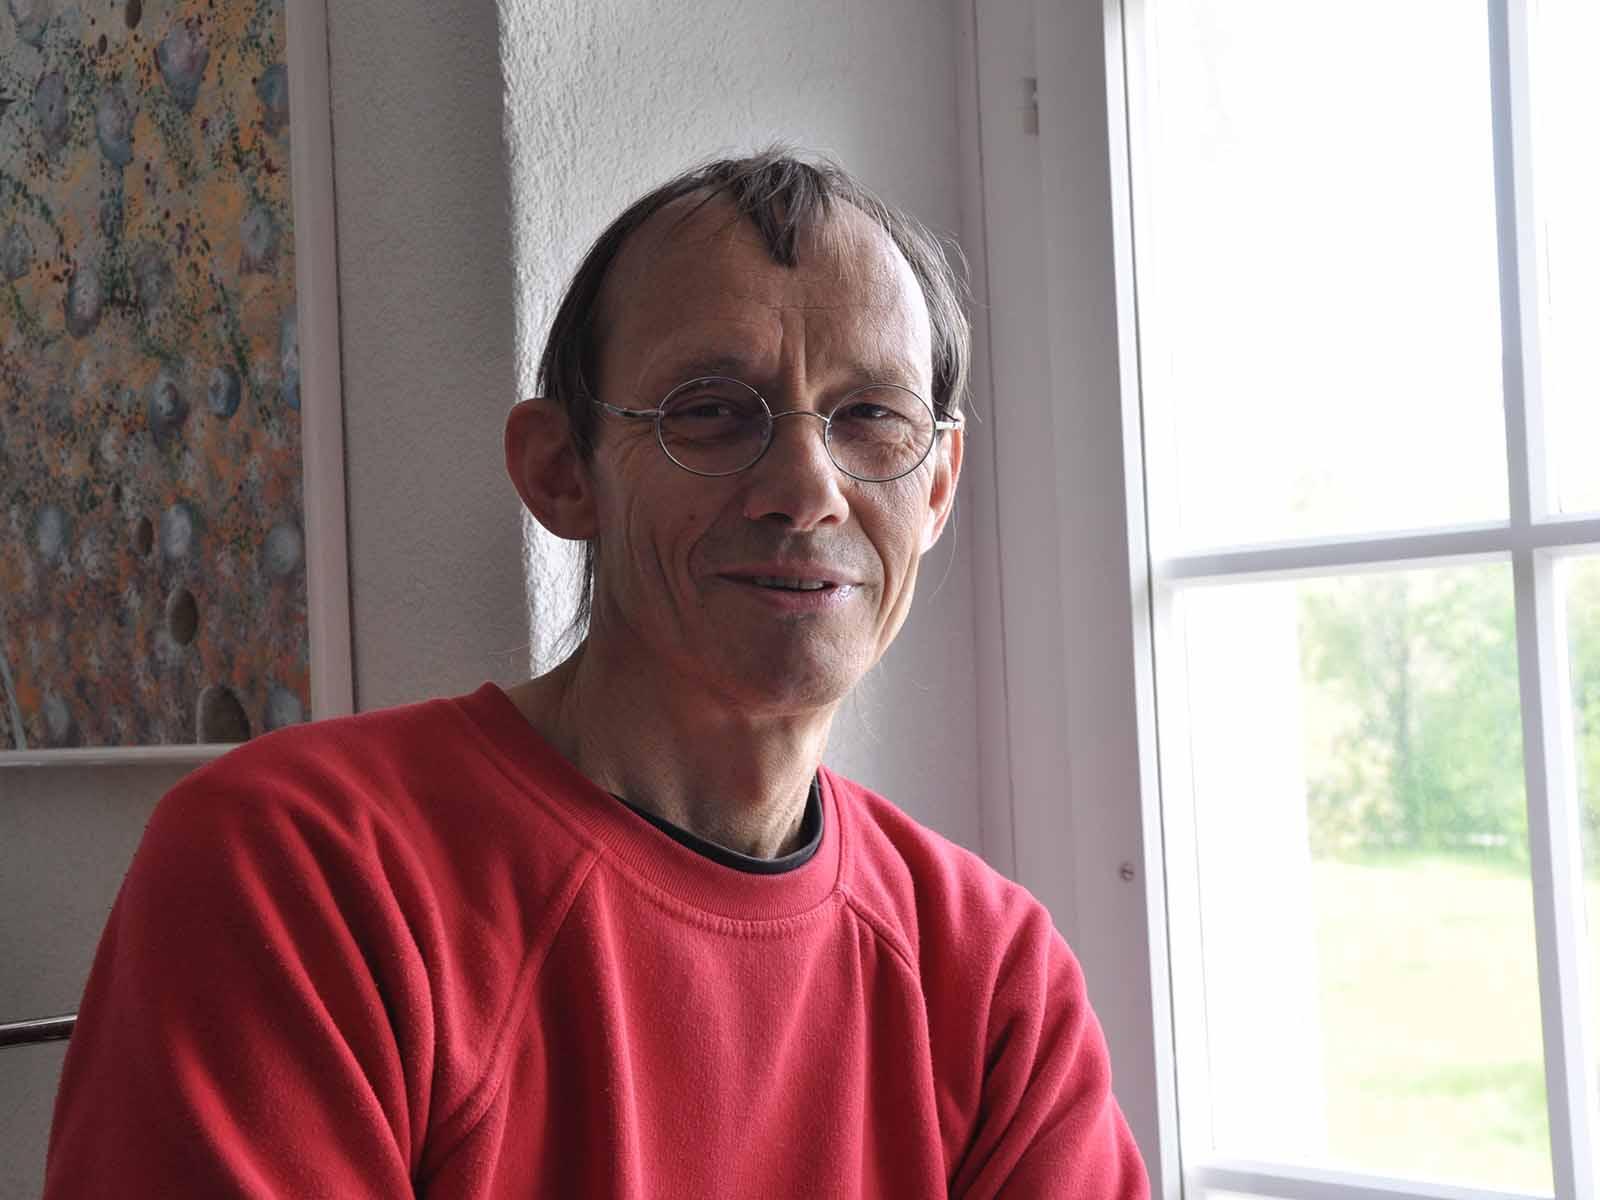 Der Künstler Peter Ruggle stellt seine Bilder beim «Höngger» aus.